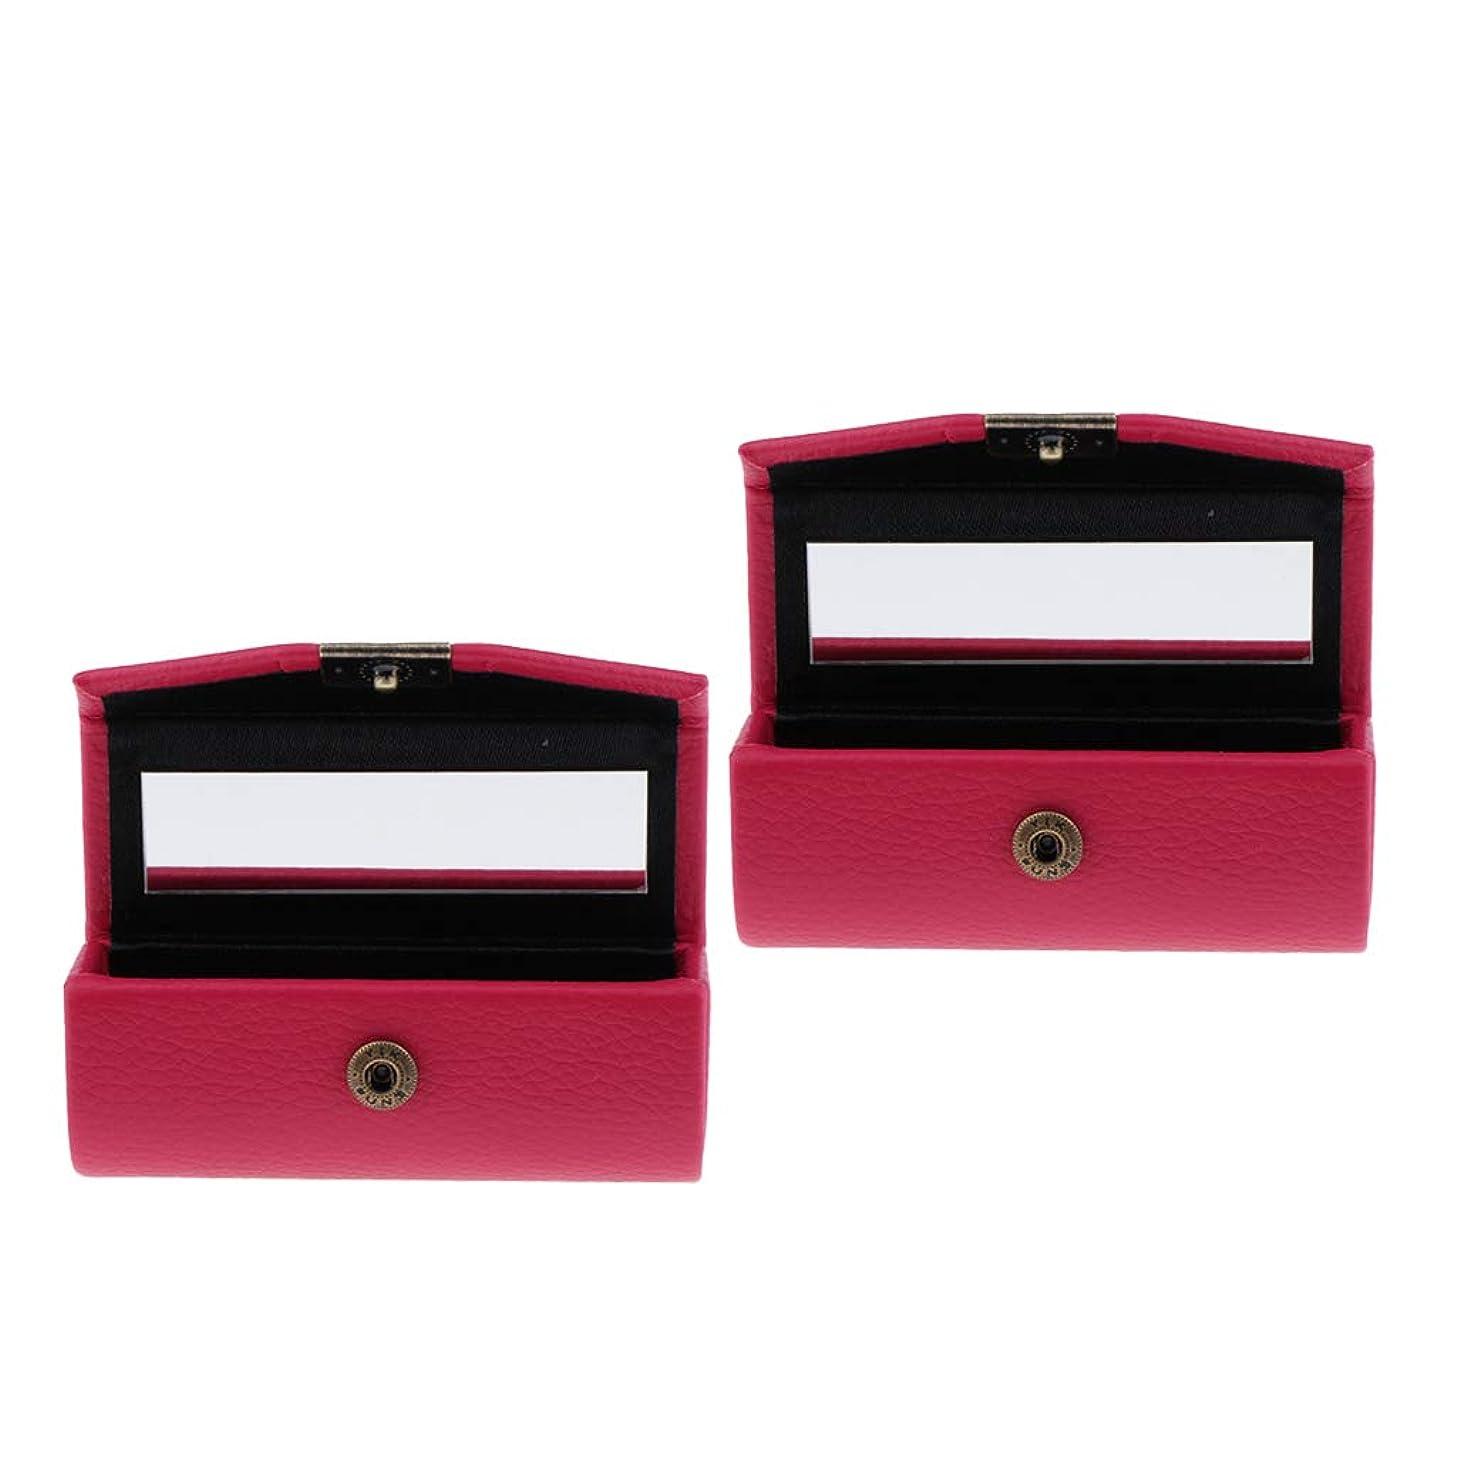 首コピー芸術T TOOYFUL 口紅ケース リップスティックボックス ミラー付き PUレザー メイクアップ 収納ホルダー 全4種 - ローズレッド